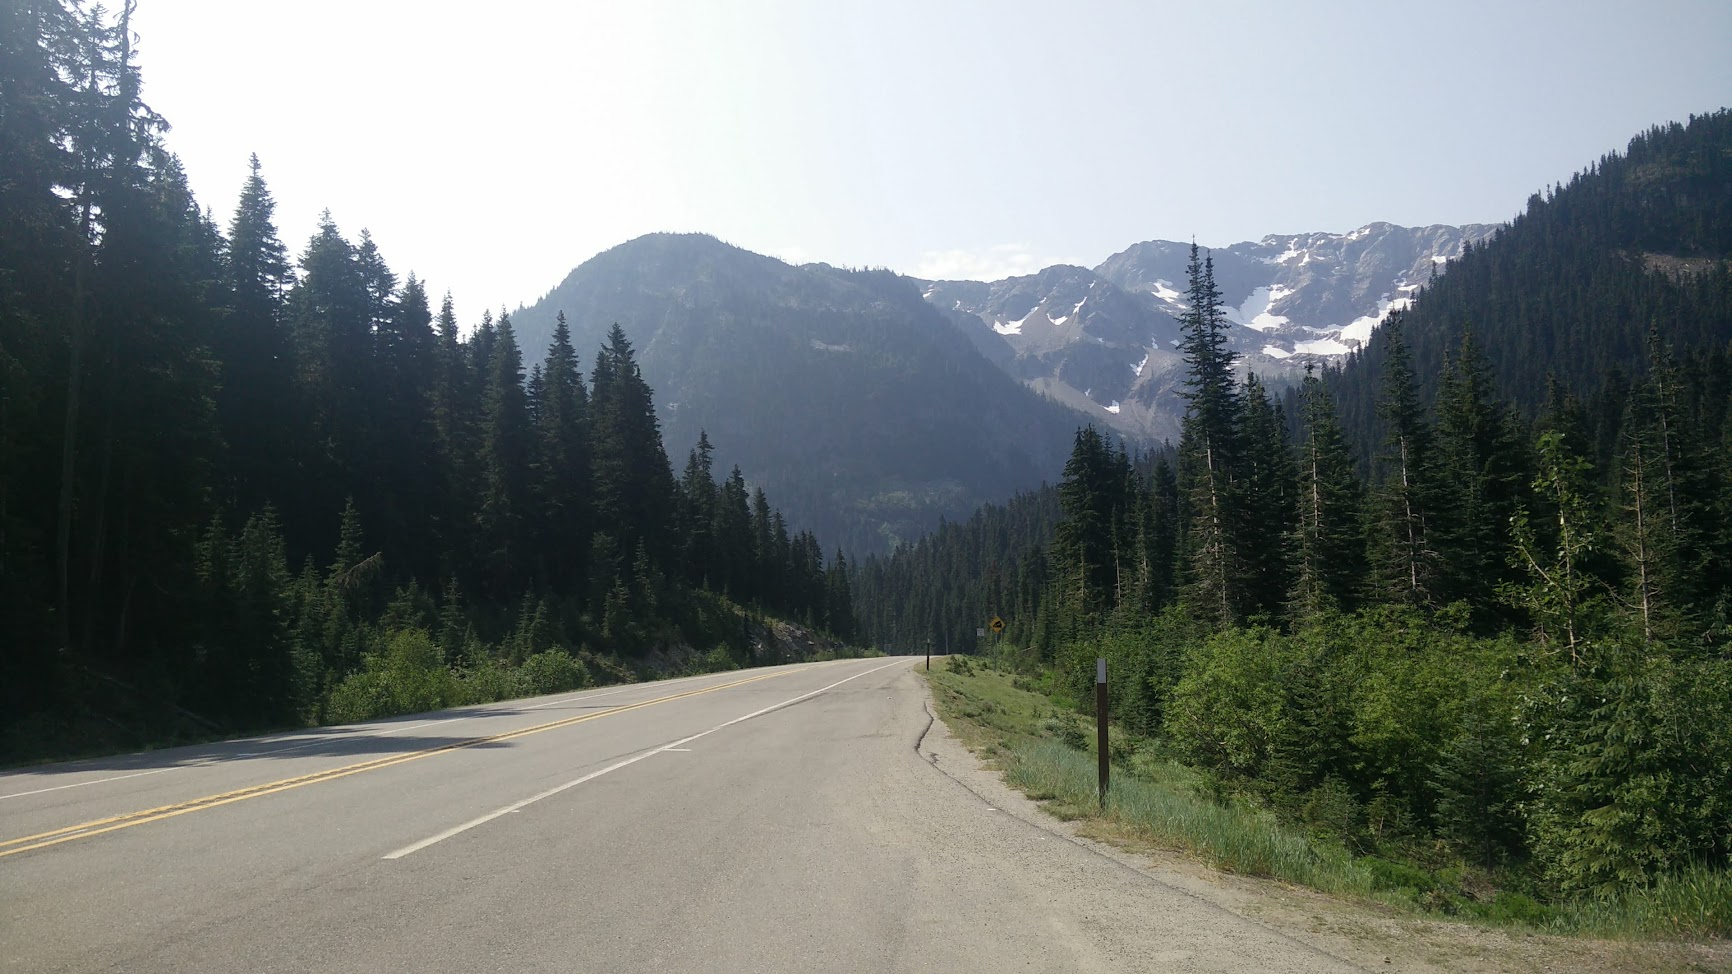 Highway 20, WA